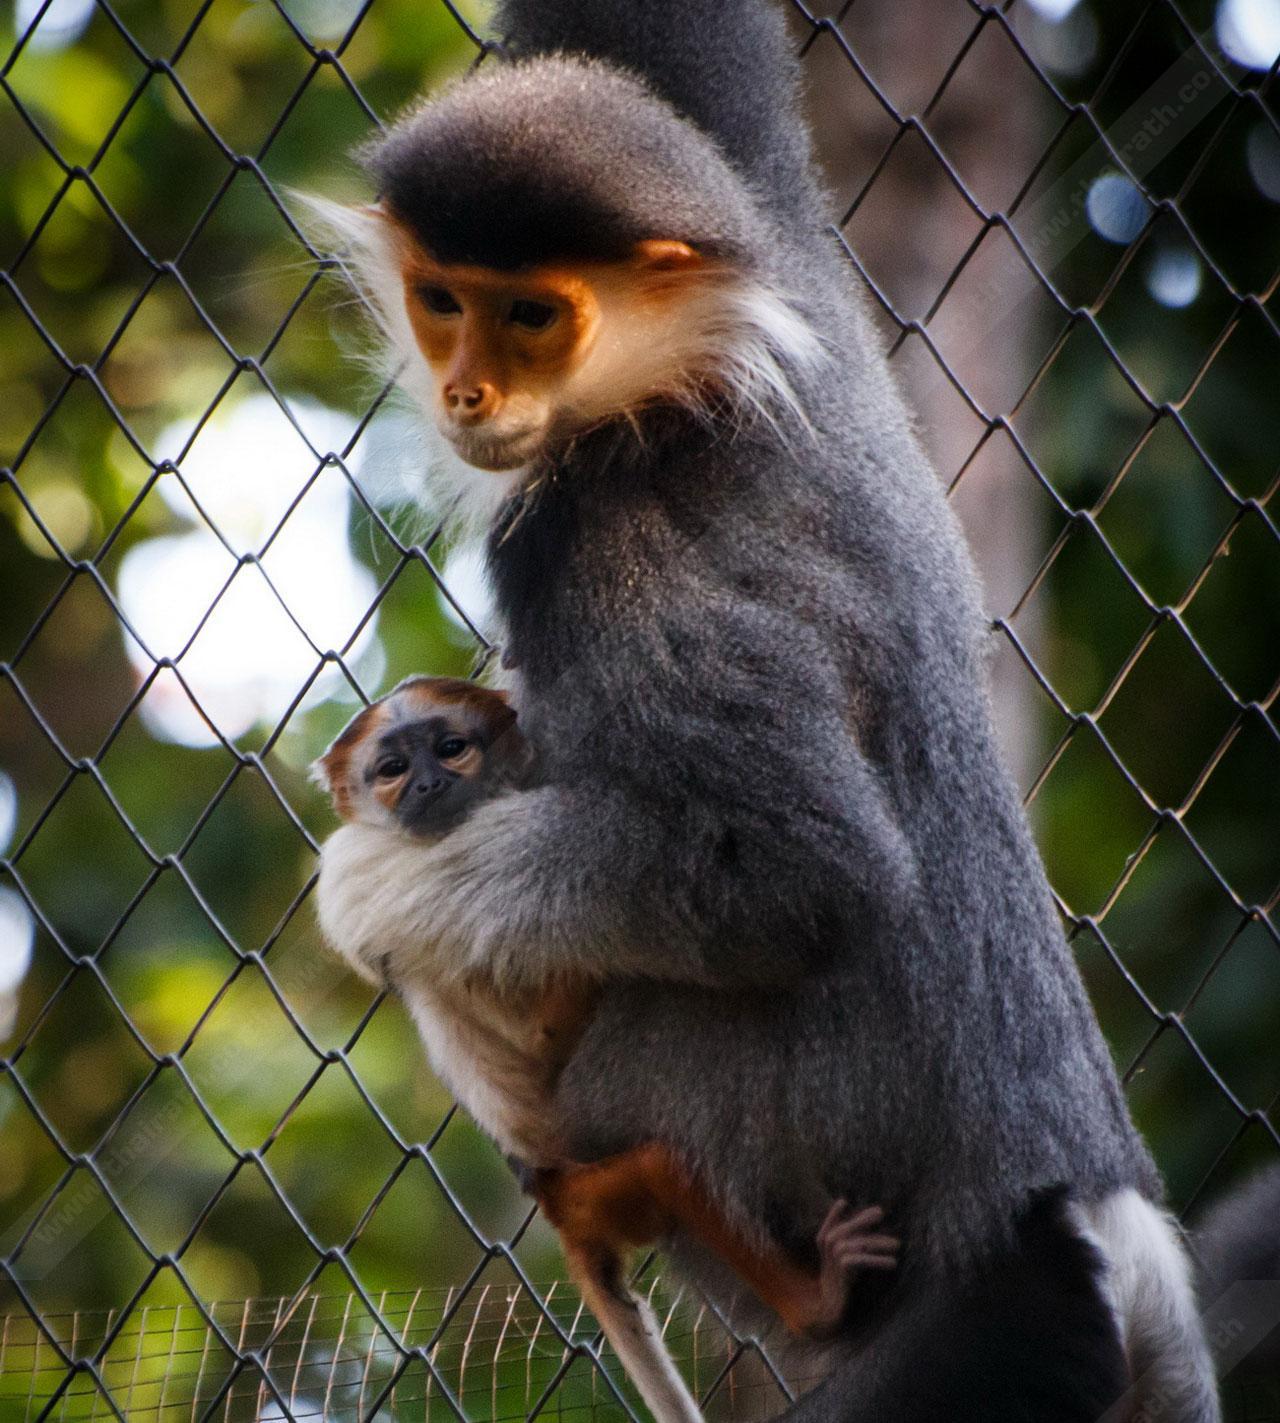 สุดน่ารัก! ค่างห้าสี ตกลูกที่สวนสัตว์เชียงใหม่ กลายเป็นสมาชิกตัวใหม่ รับวันเด็ก